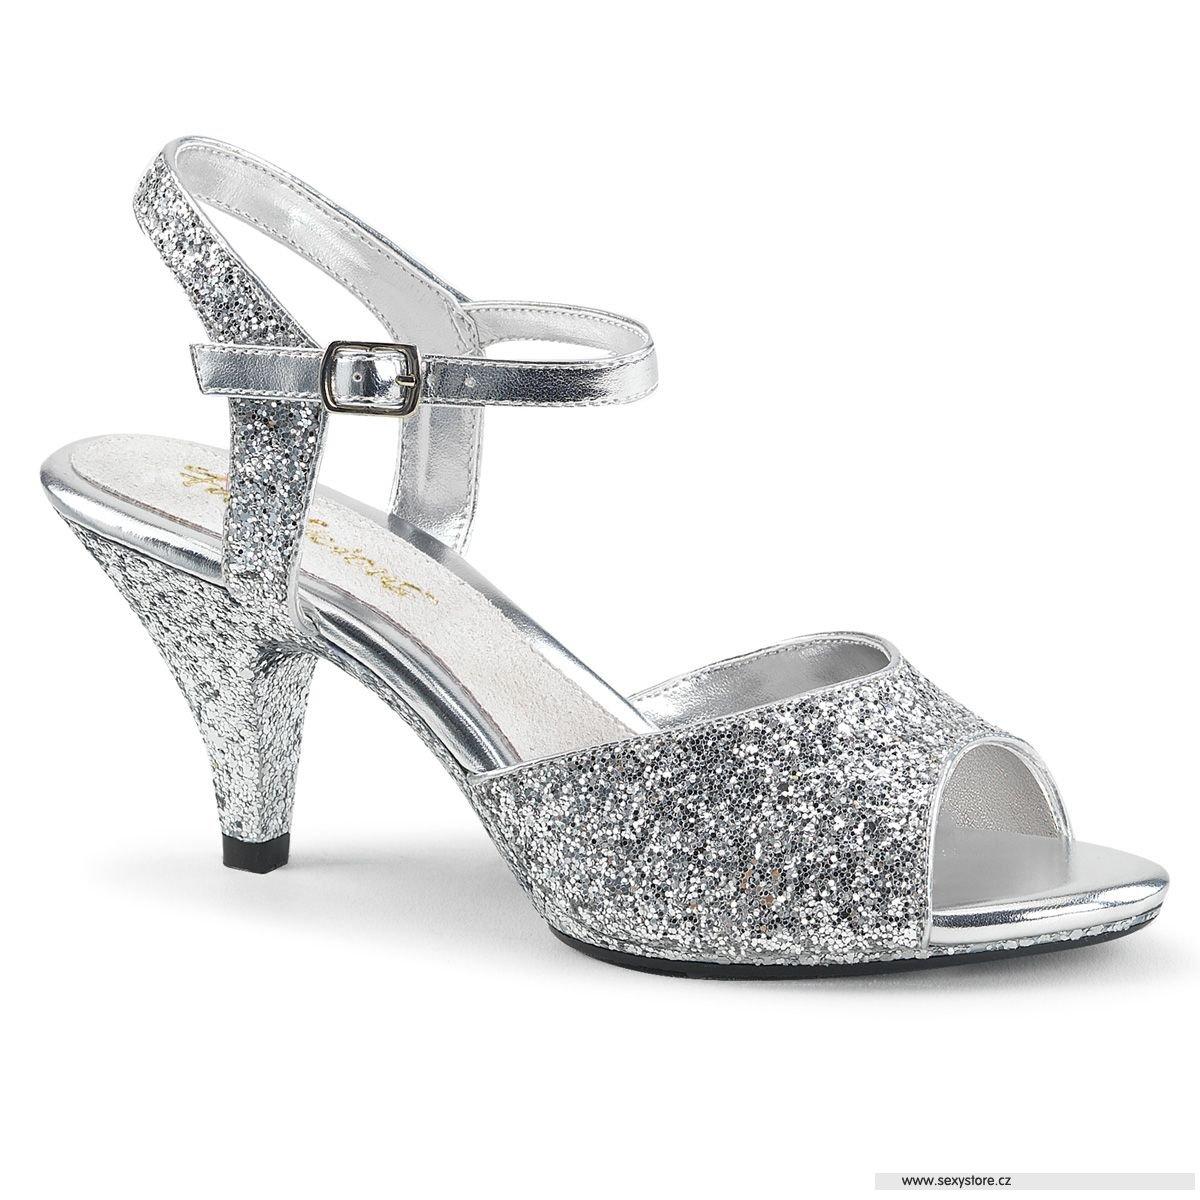 89abbae92d3f Stříbrné sandály na podpatku BEL309G S M